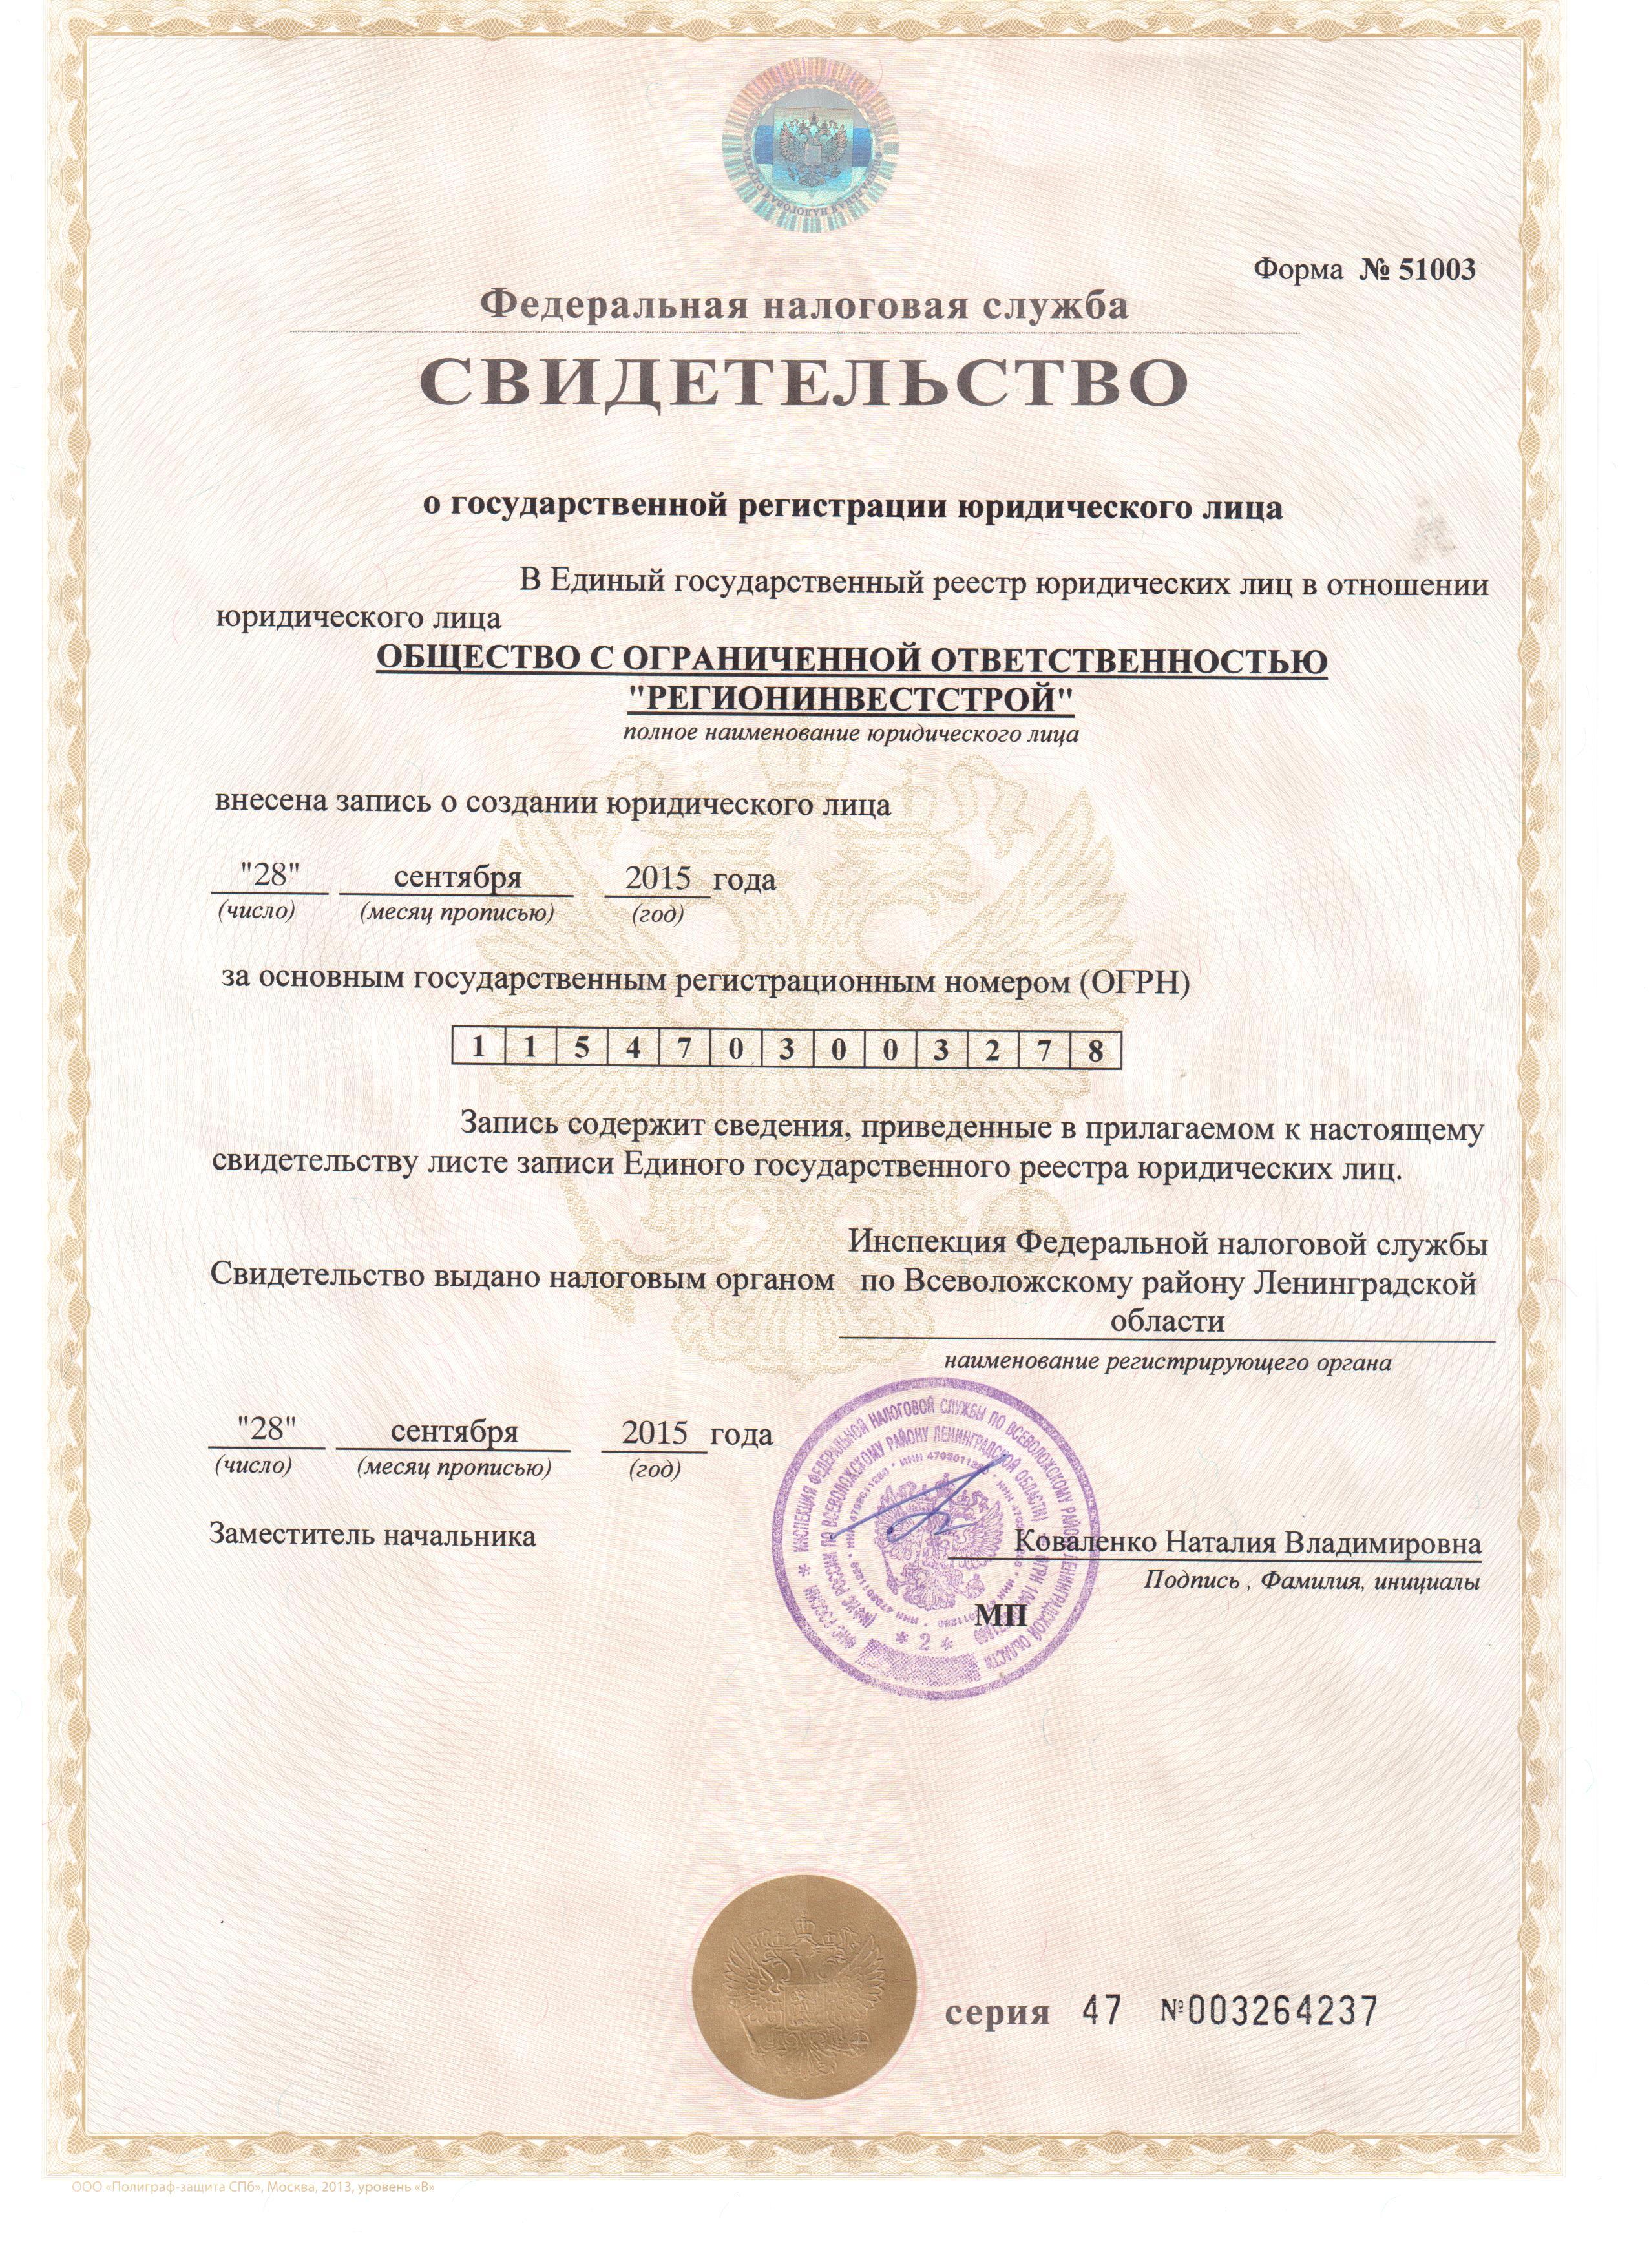 Гос. регистрация